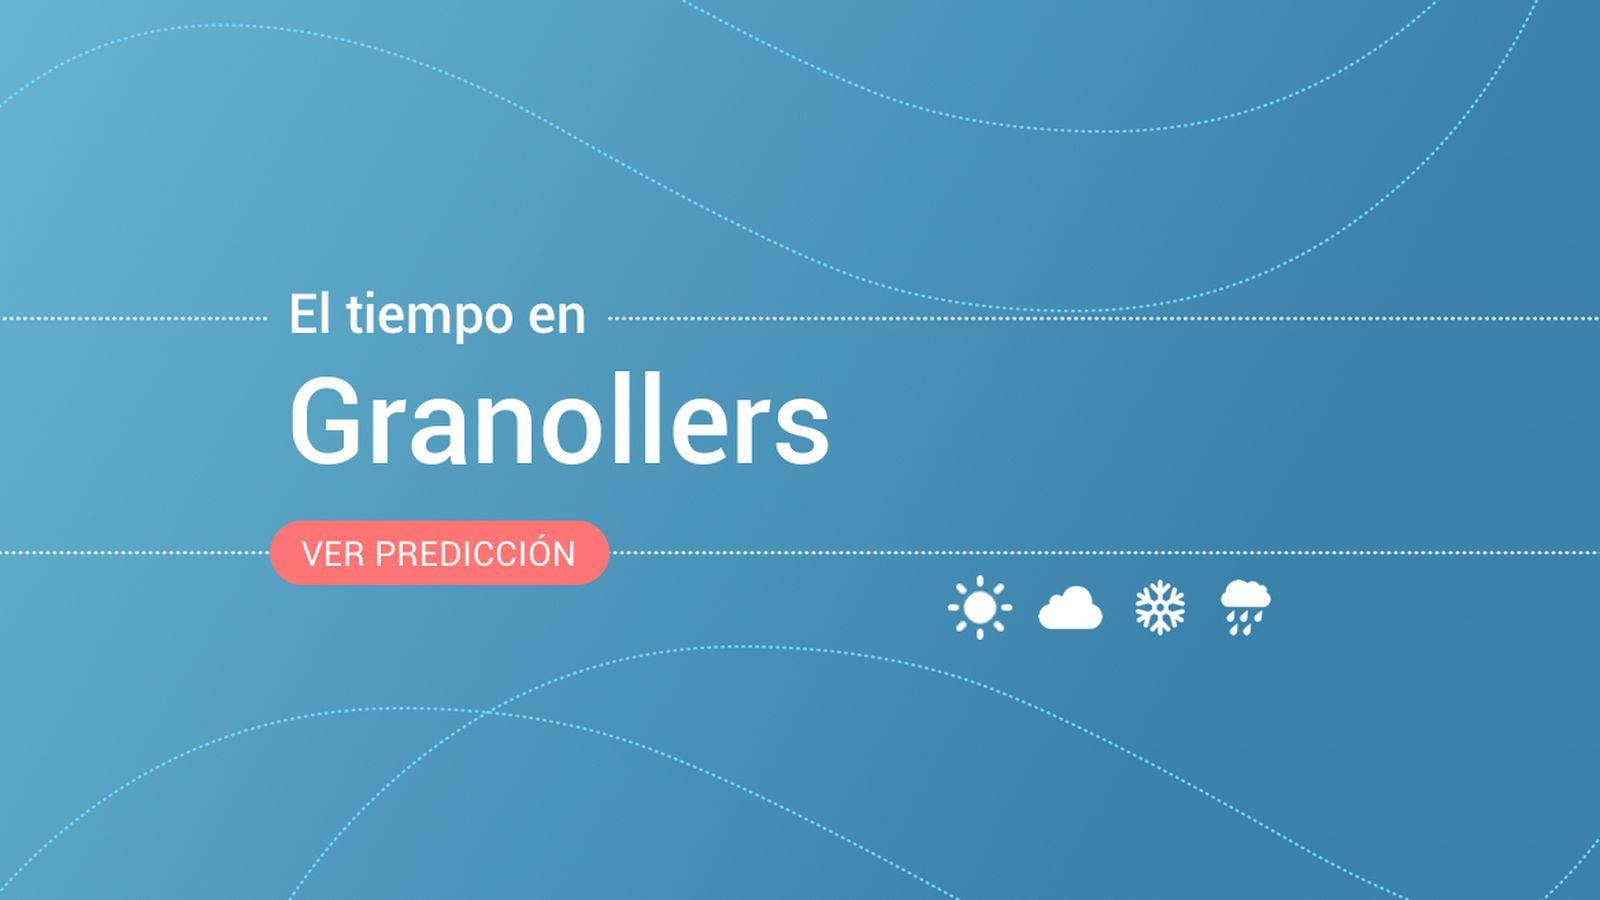 Foto: El tiempo en Granollers. (EC)